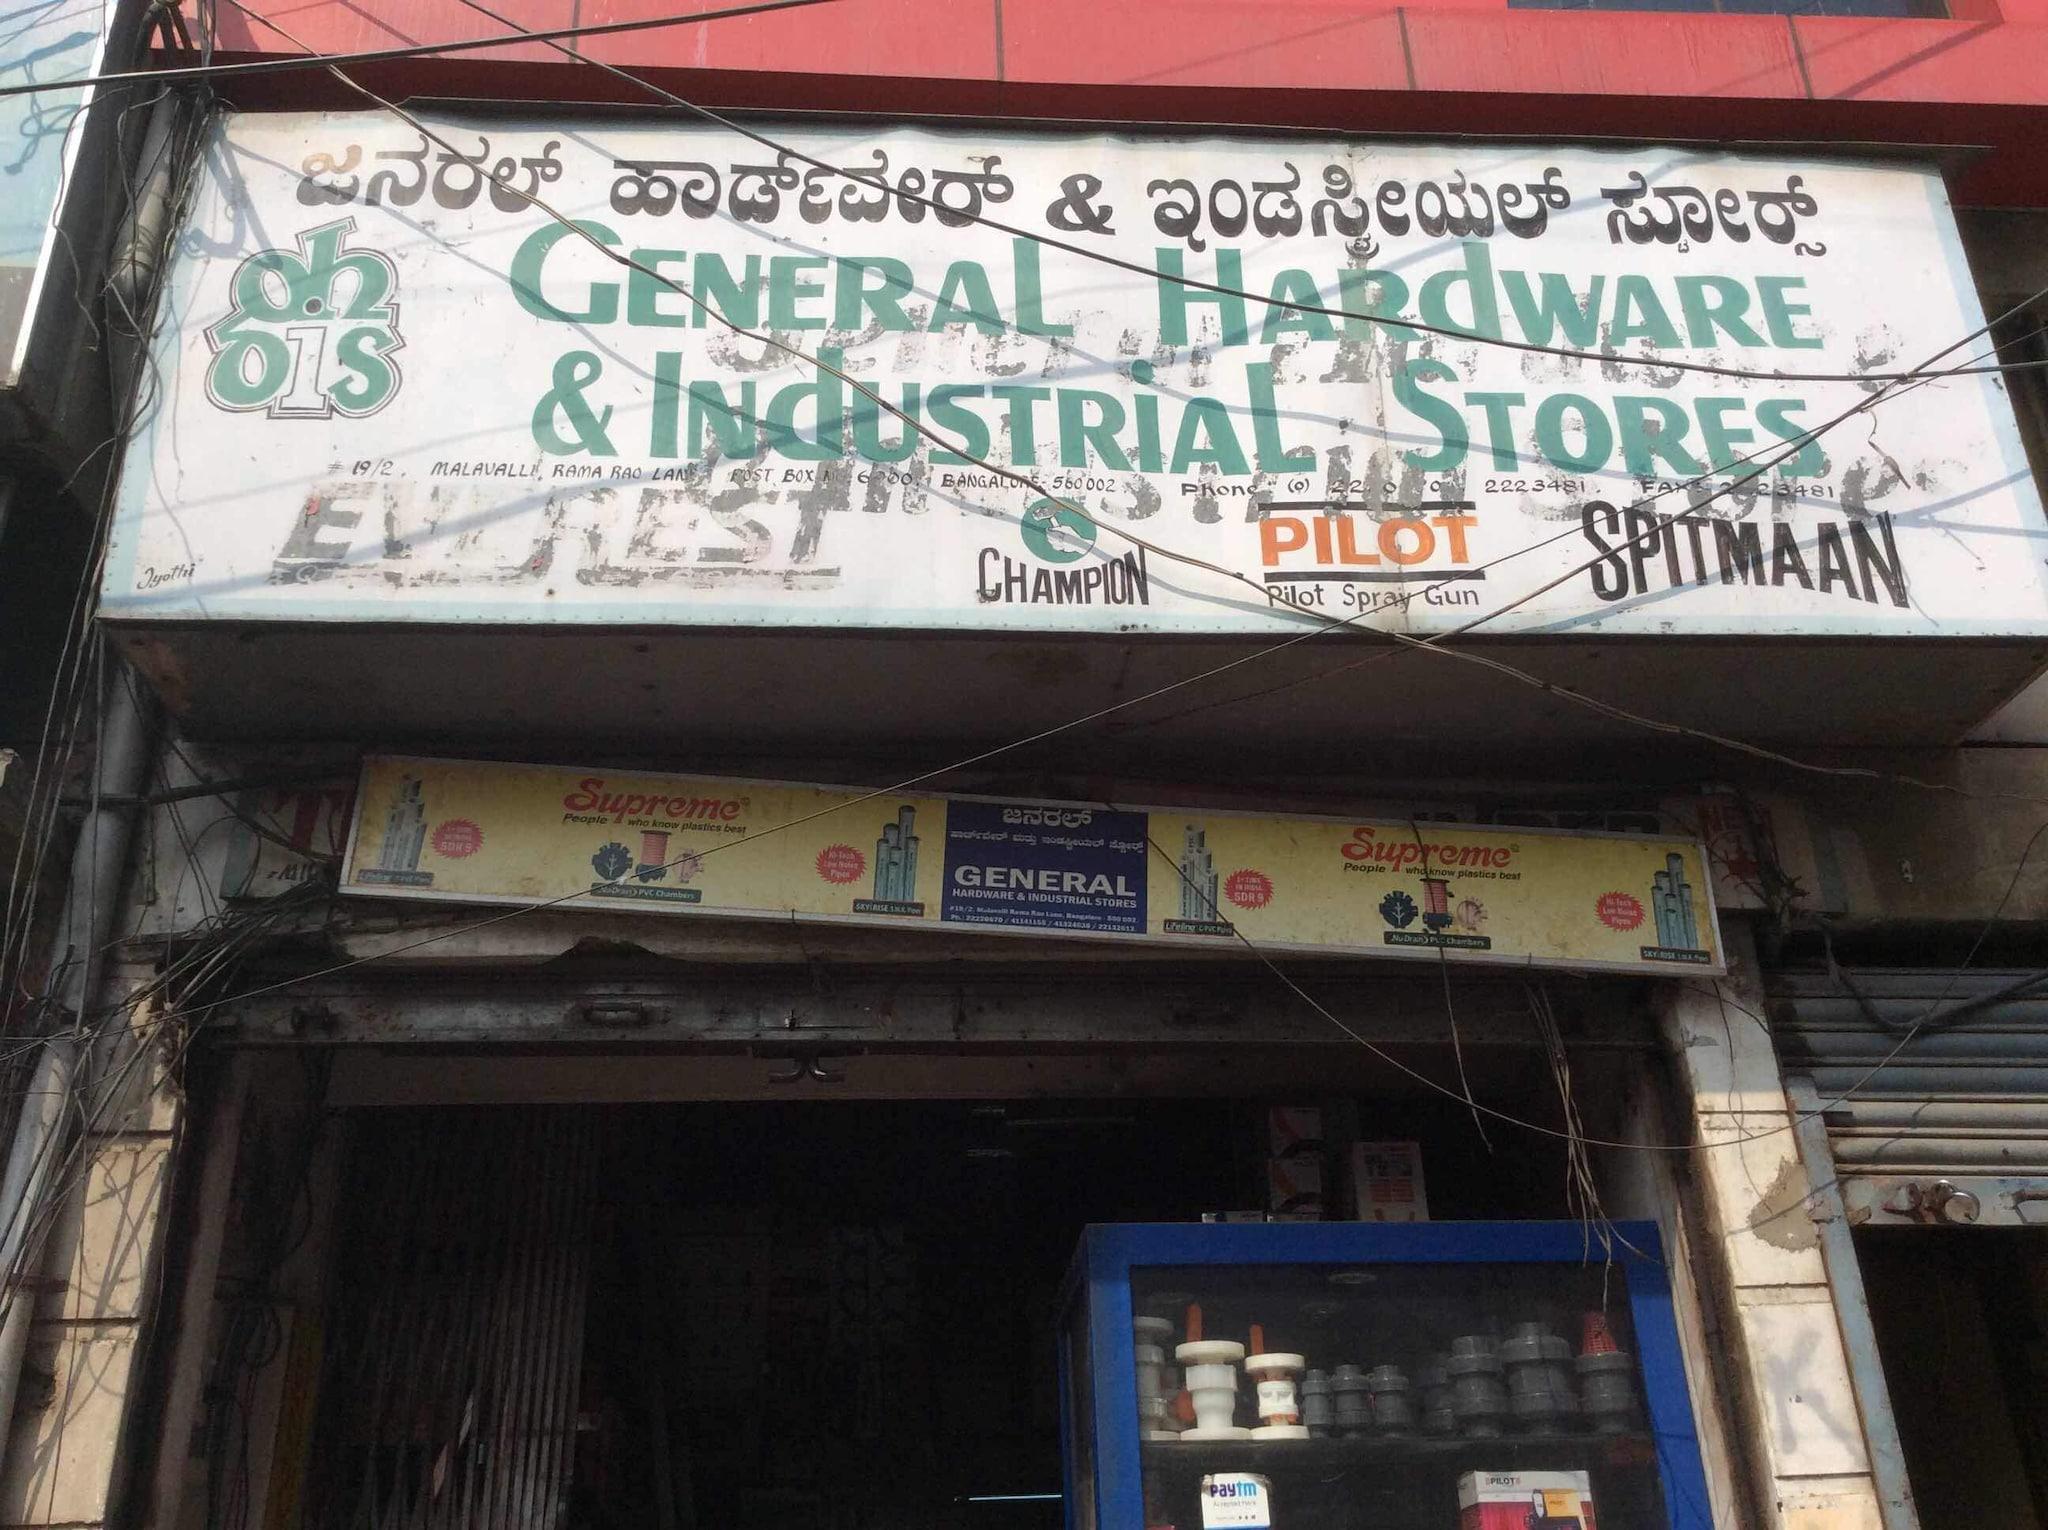 Top Danfoss Valve Dealers in Bangalore - Best Danfoss Valve Dealers